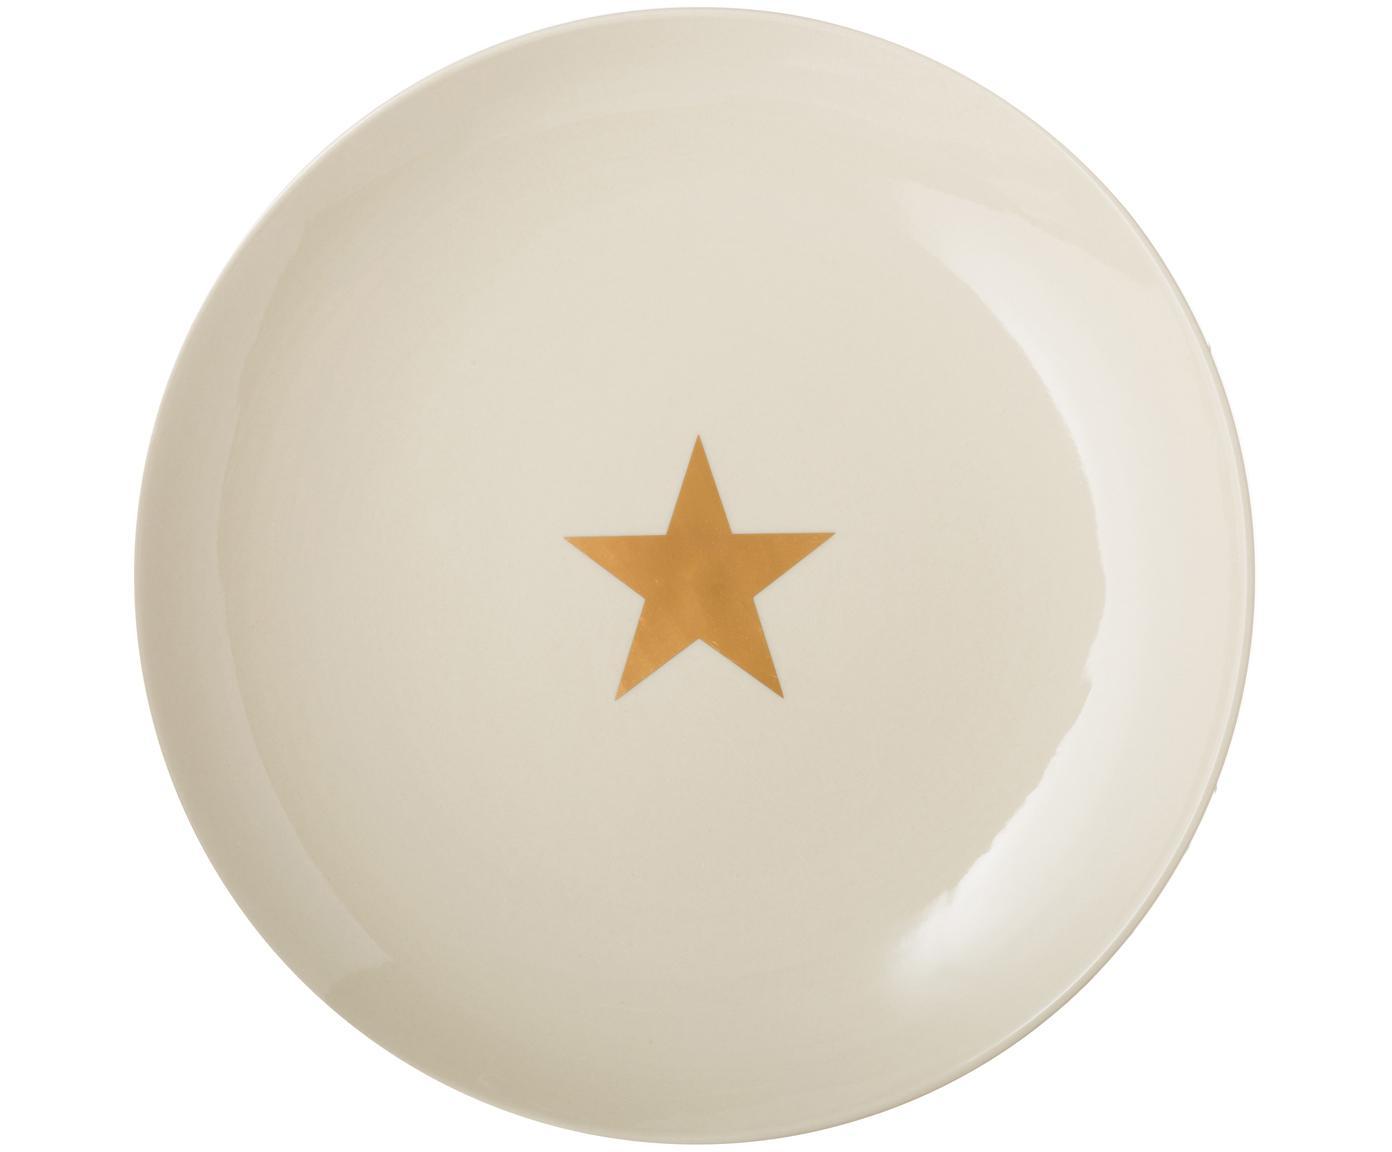 Speiseteller Star mit goldenem Stern, Keramik, Gebrochenes Weiß, Goldfarben, Ø 25 cm